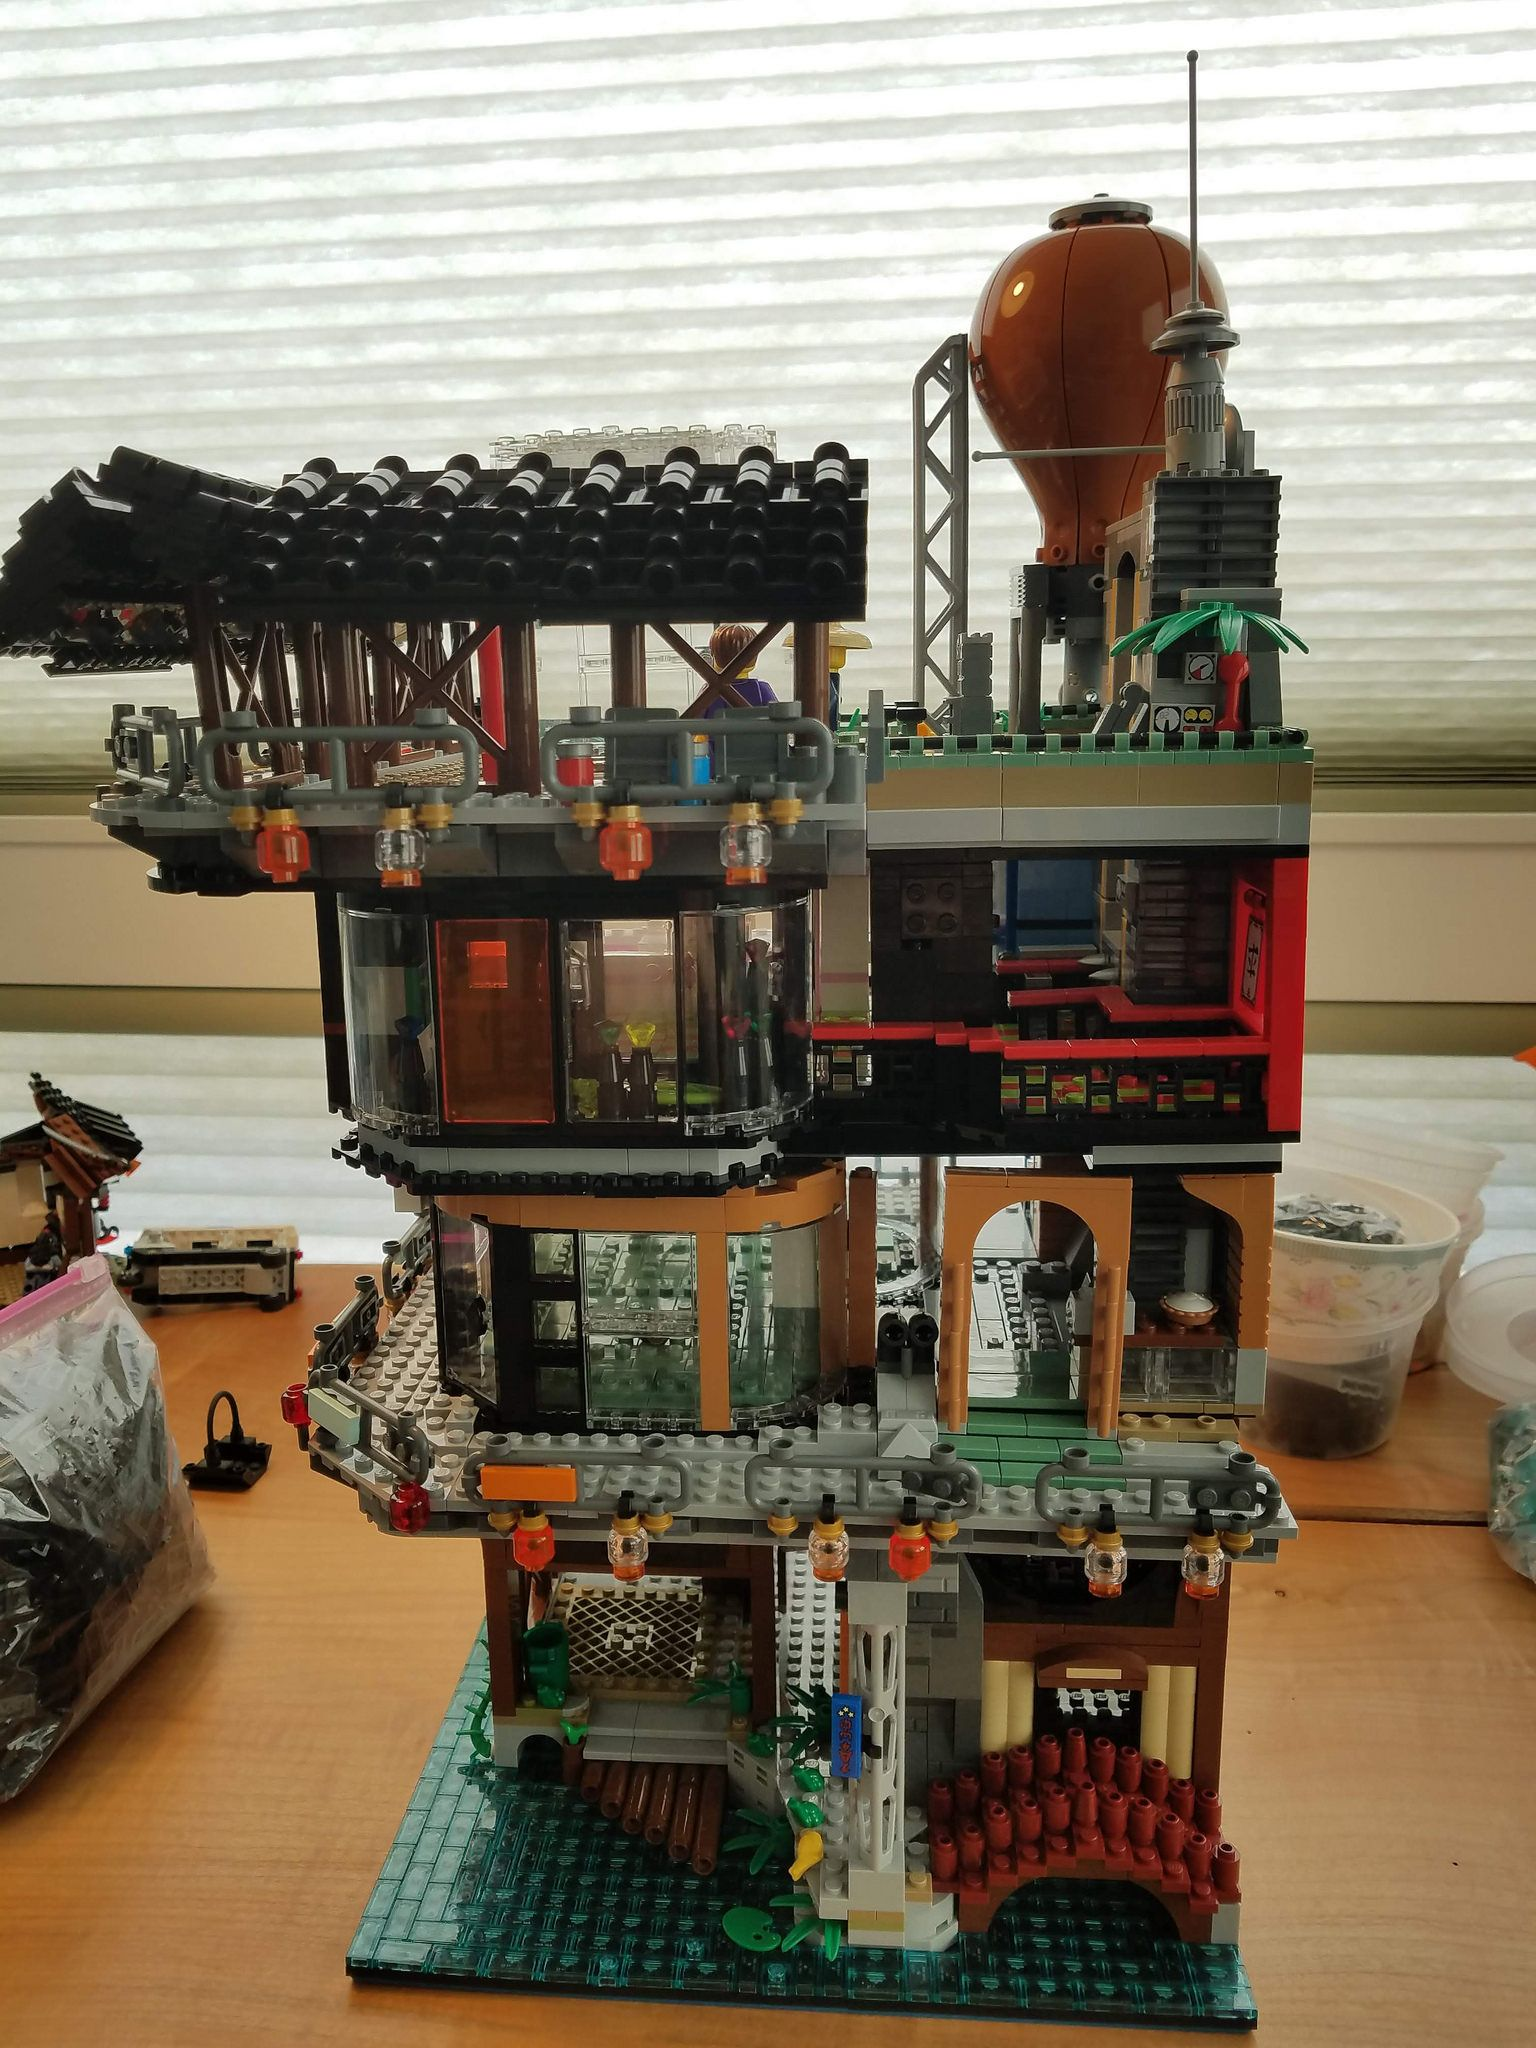 Wip Lego Ninjago City Outside Corner Lego Lego Ninjago City